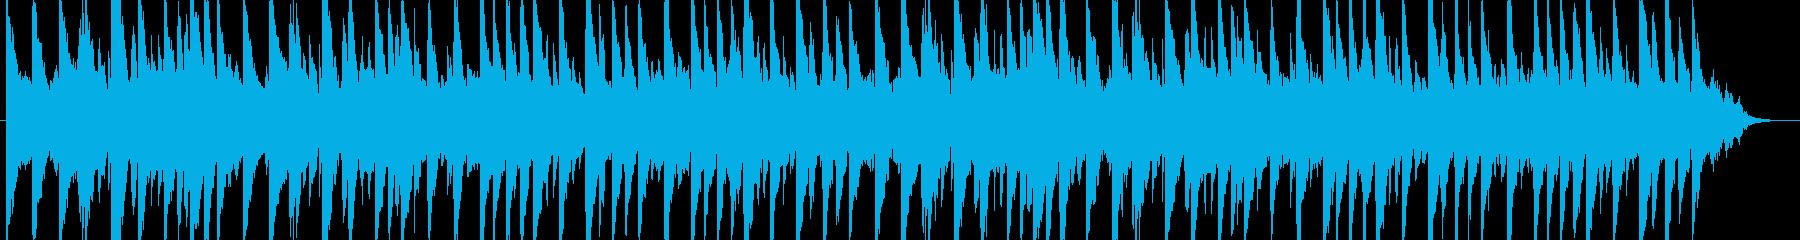 ノスタルジックな曲の再生済みの波形